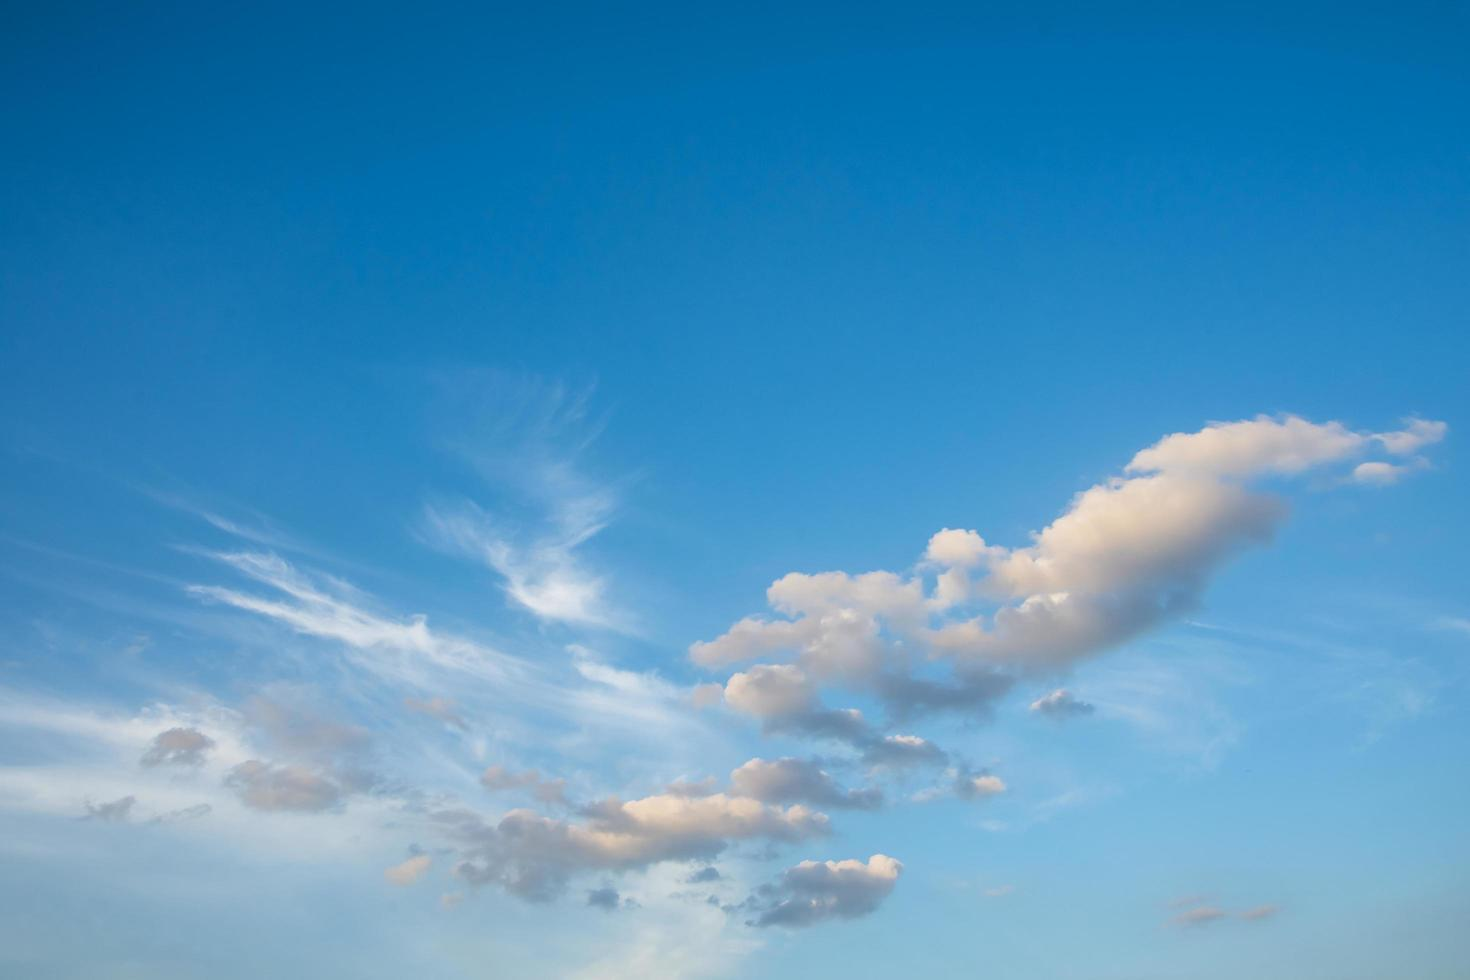 nubes en un cielo azul foto